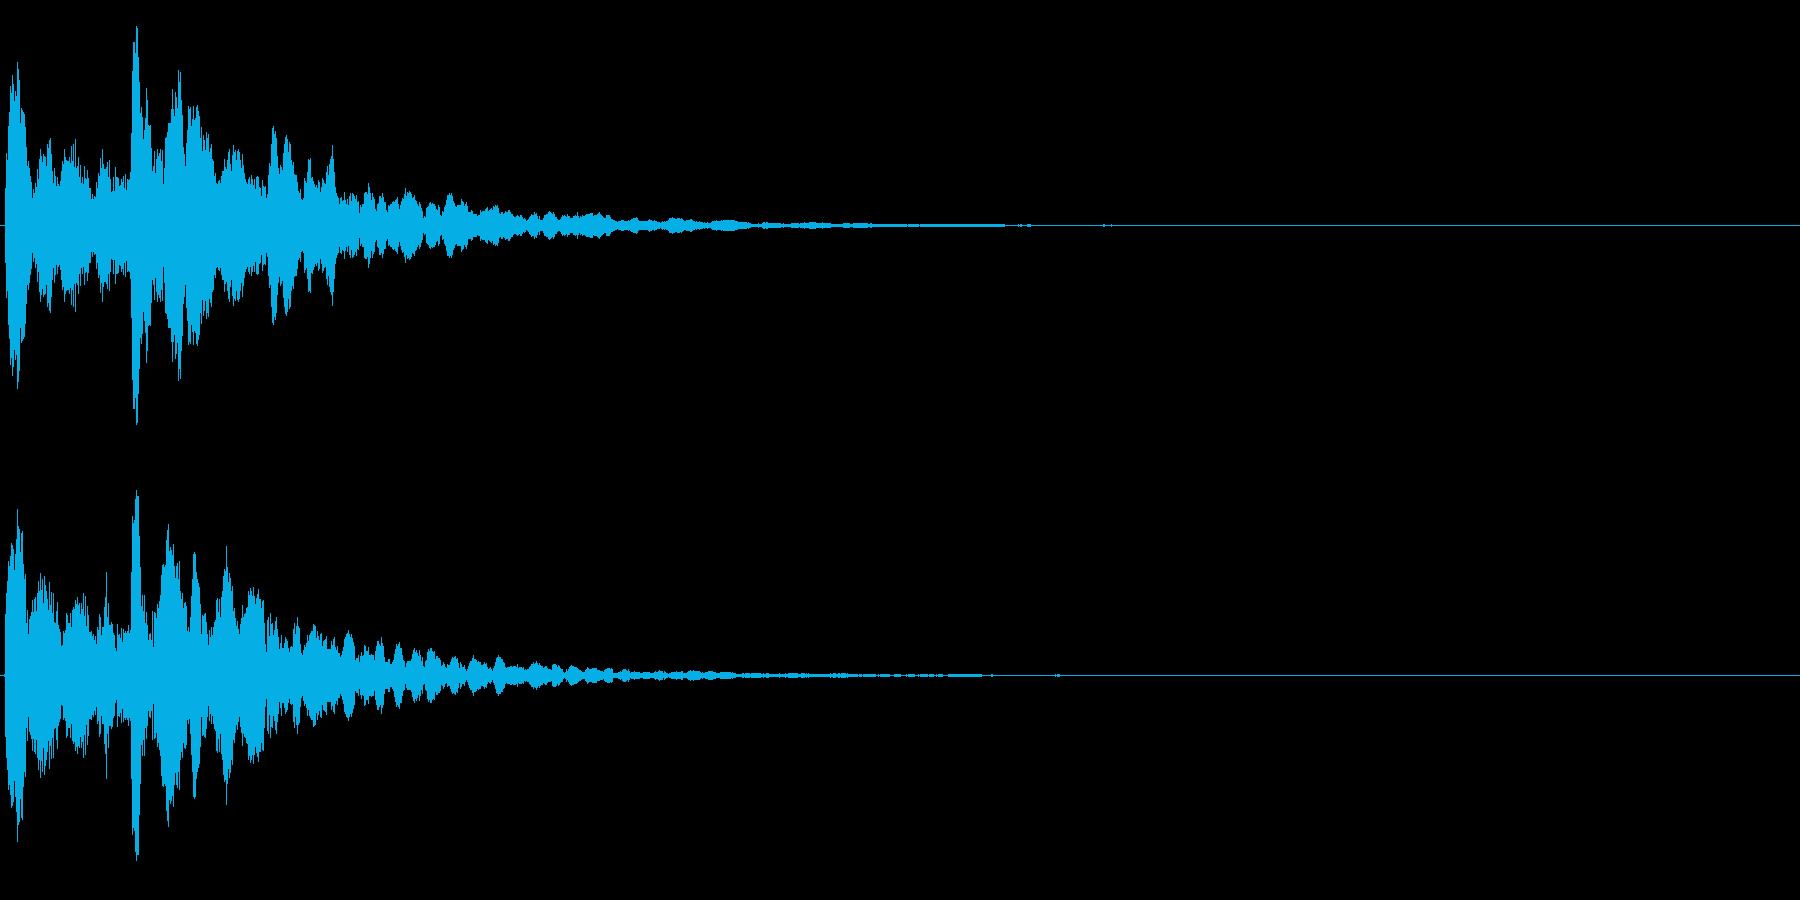 ゲームスタート、決定、ボタン音-139の再生済みの波形